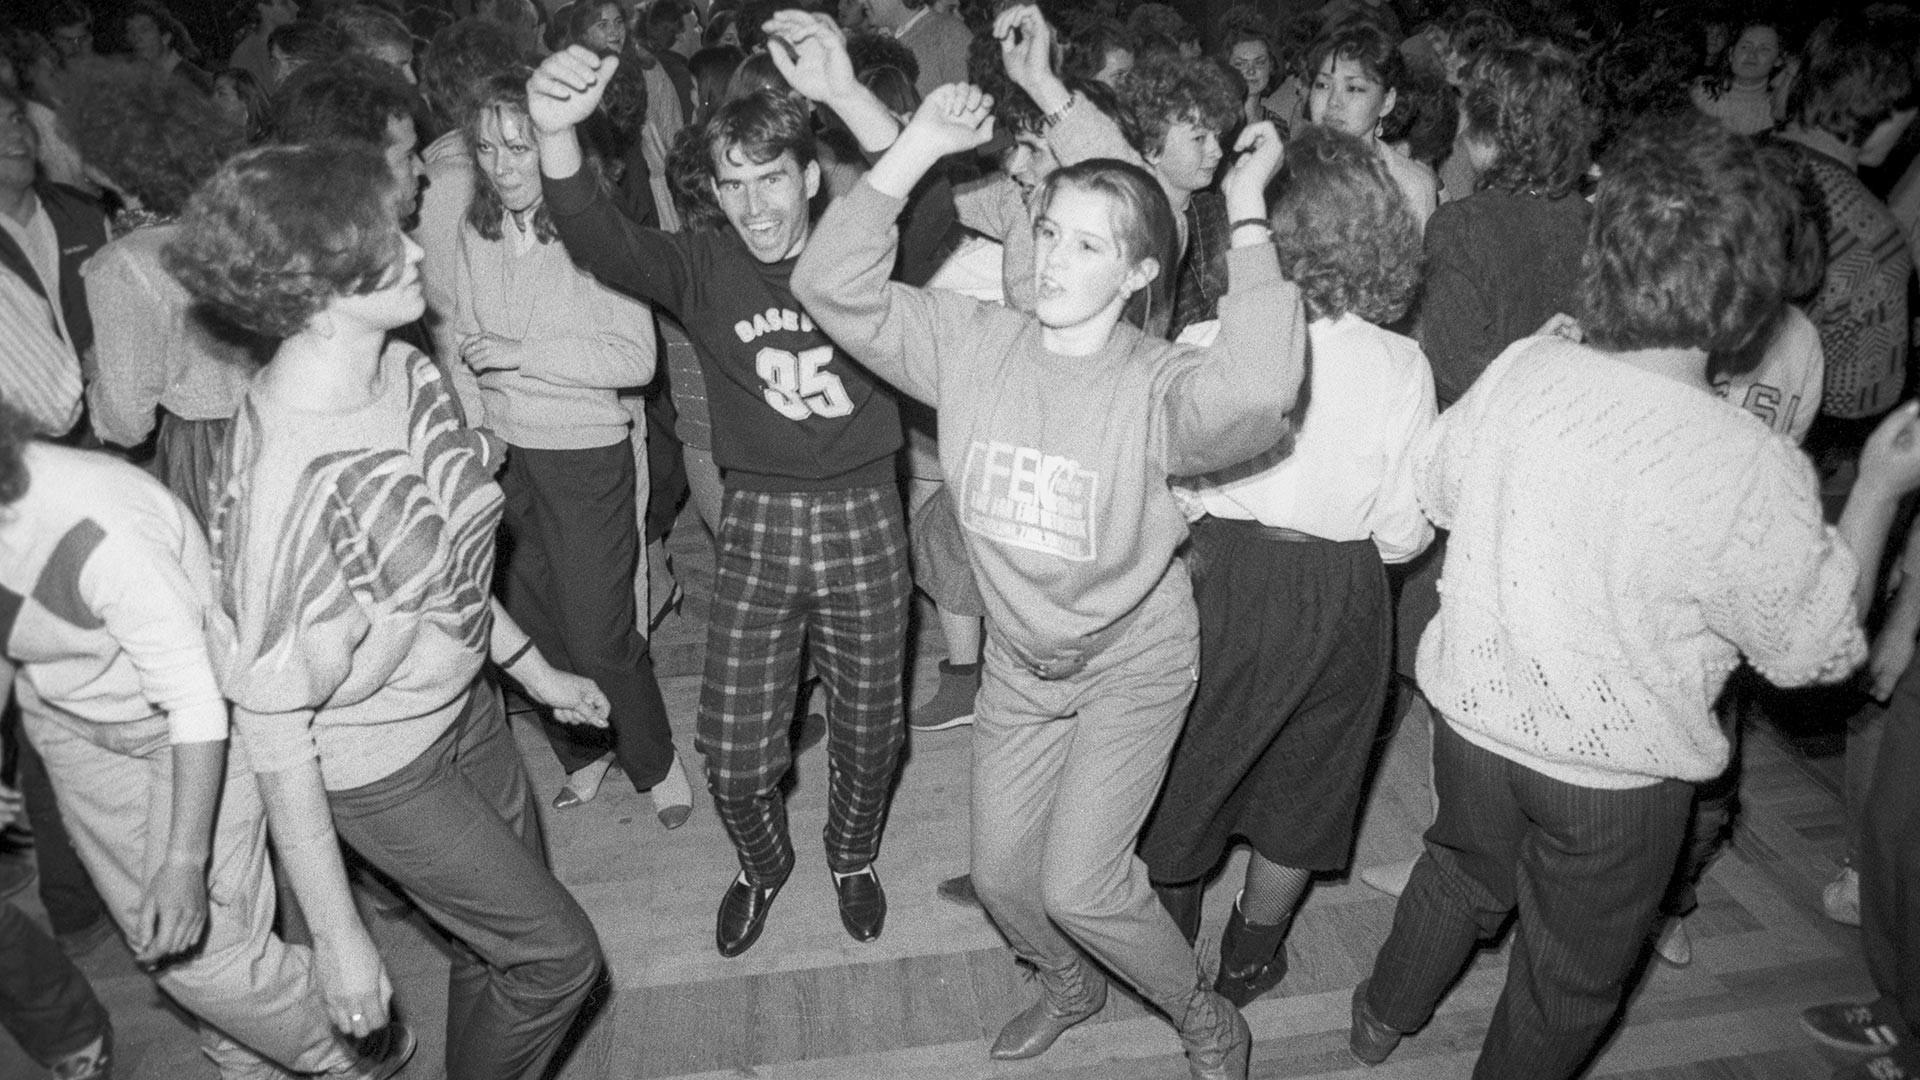 """Омладина московских предузећа, чланица Друштва совјетско-бугарског пријатељства и учесници бугарског културноуметничког друштва """"Шумен"""" у дискотеци у парку """"Горки""""."""